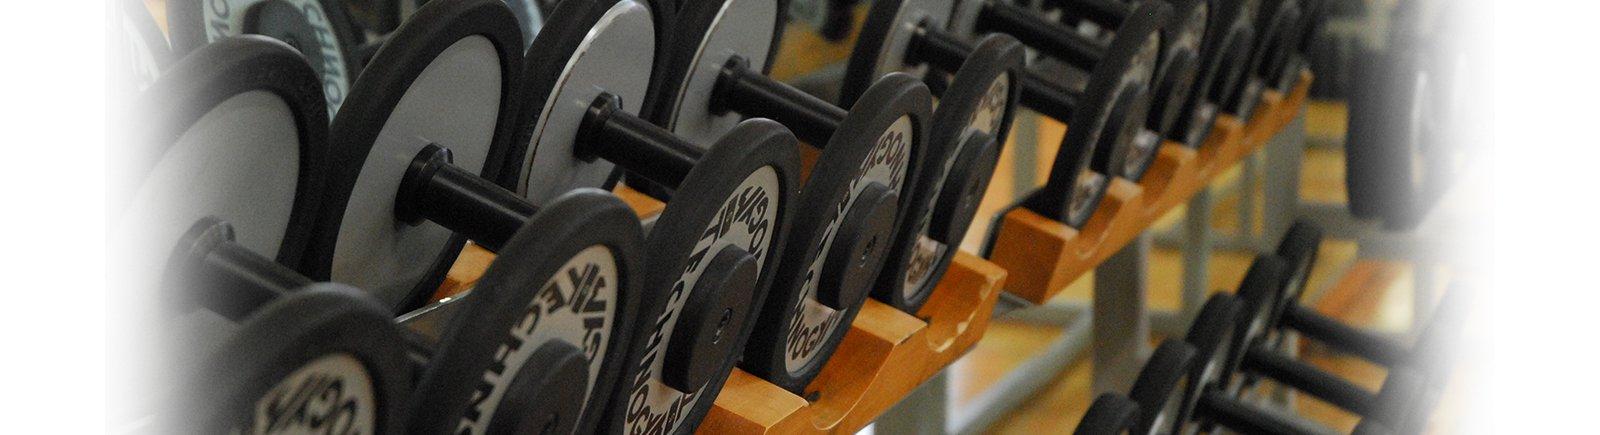 Raggiungi i tuoi obiettivi di forma e benessere seguendo i nostri percorsi